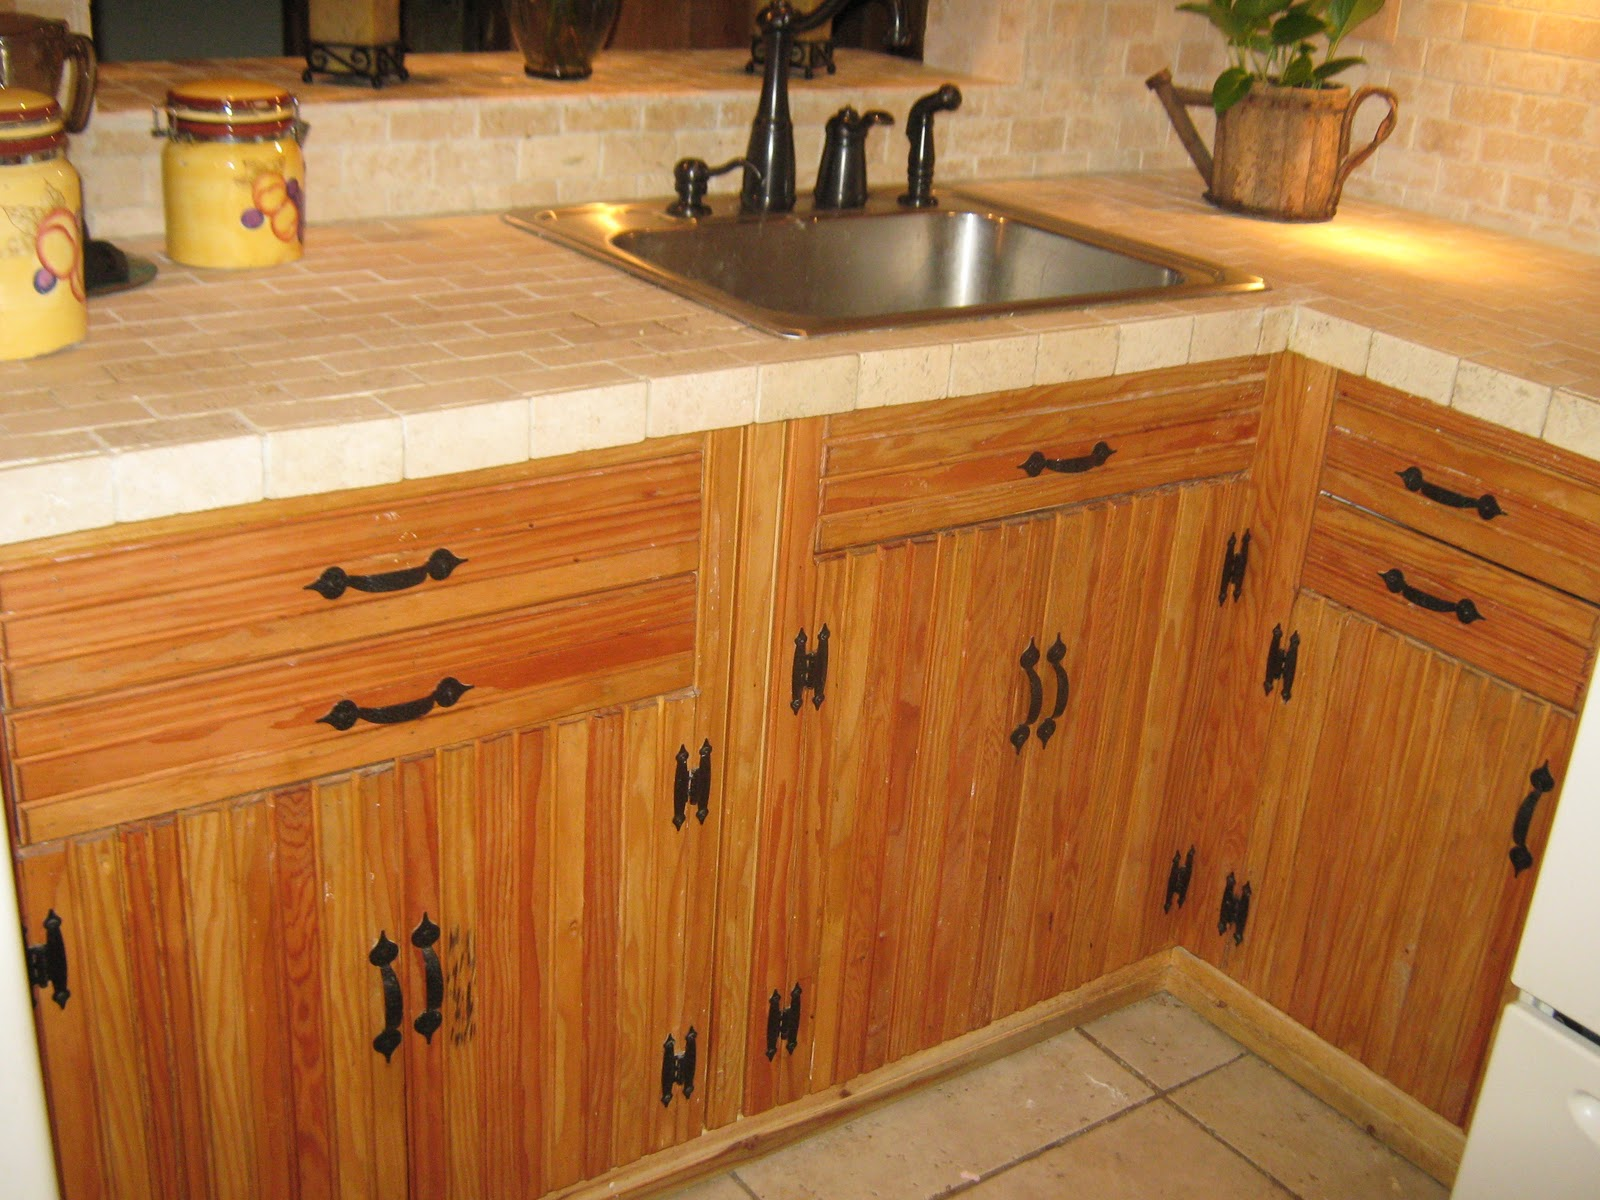 Fernandez cabinet remodelacion de una cocina rustica for Puertas de cocina rusticas